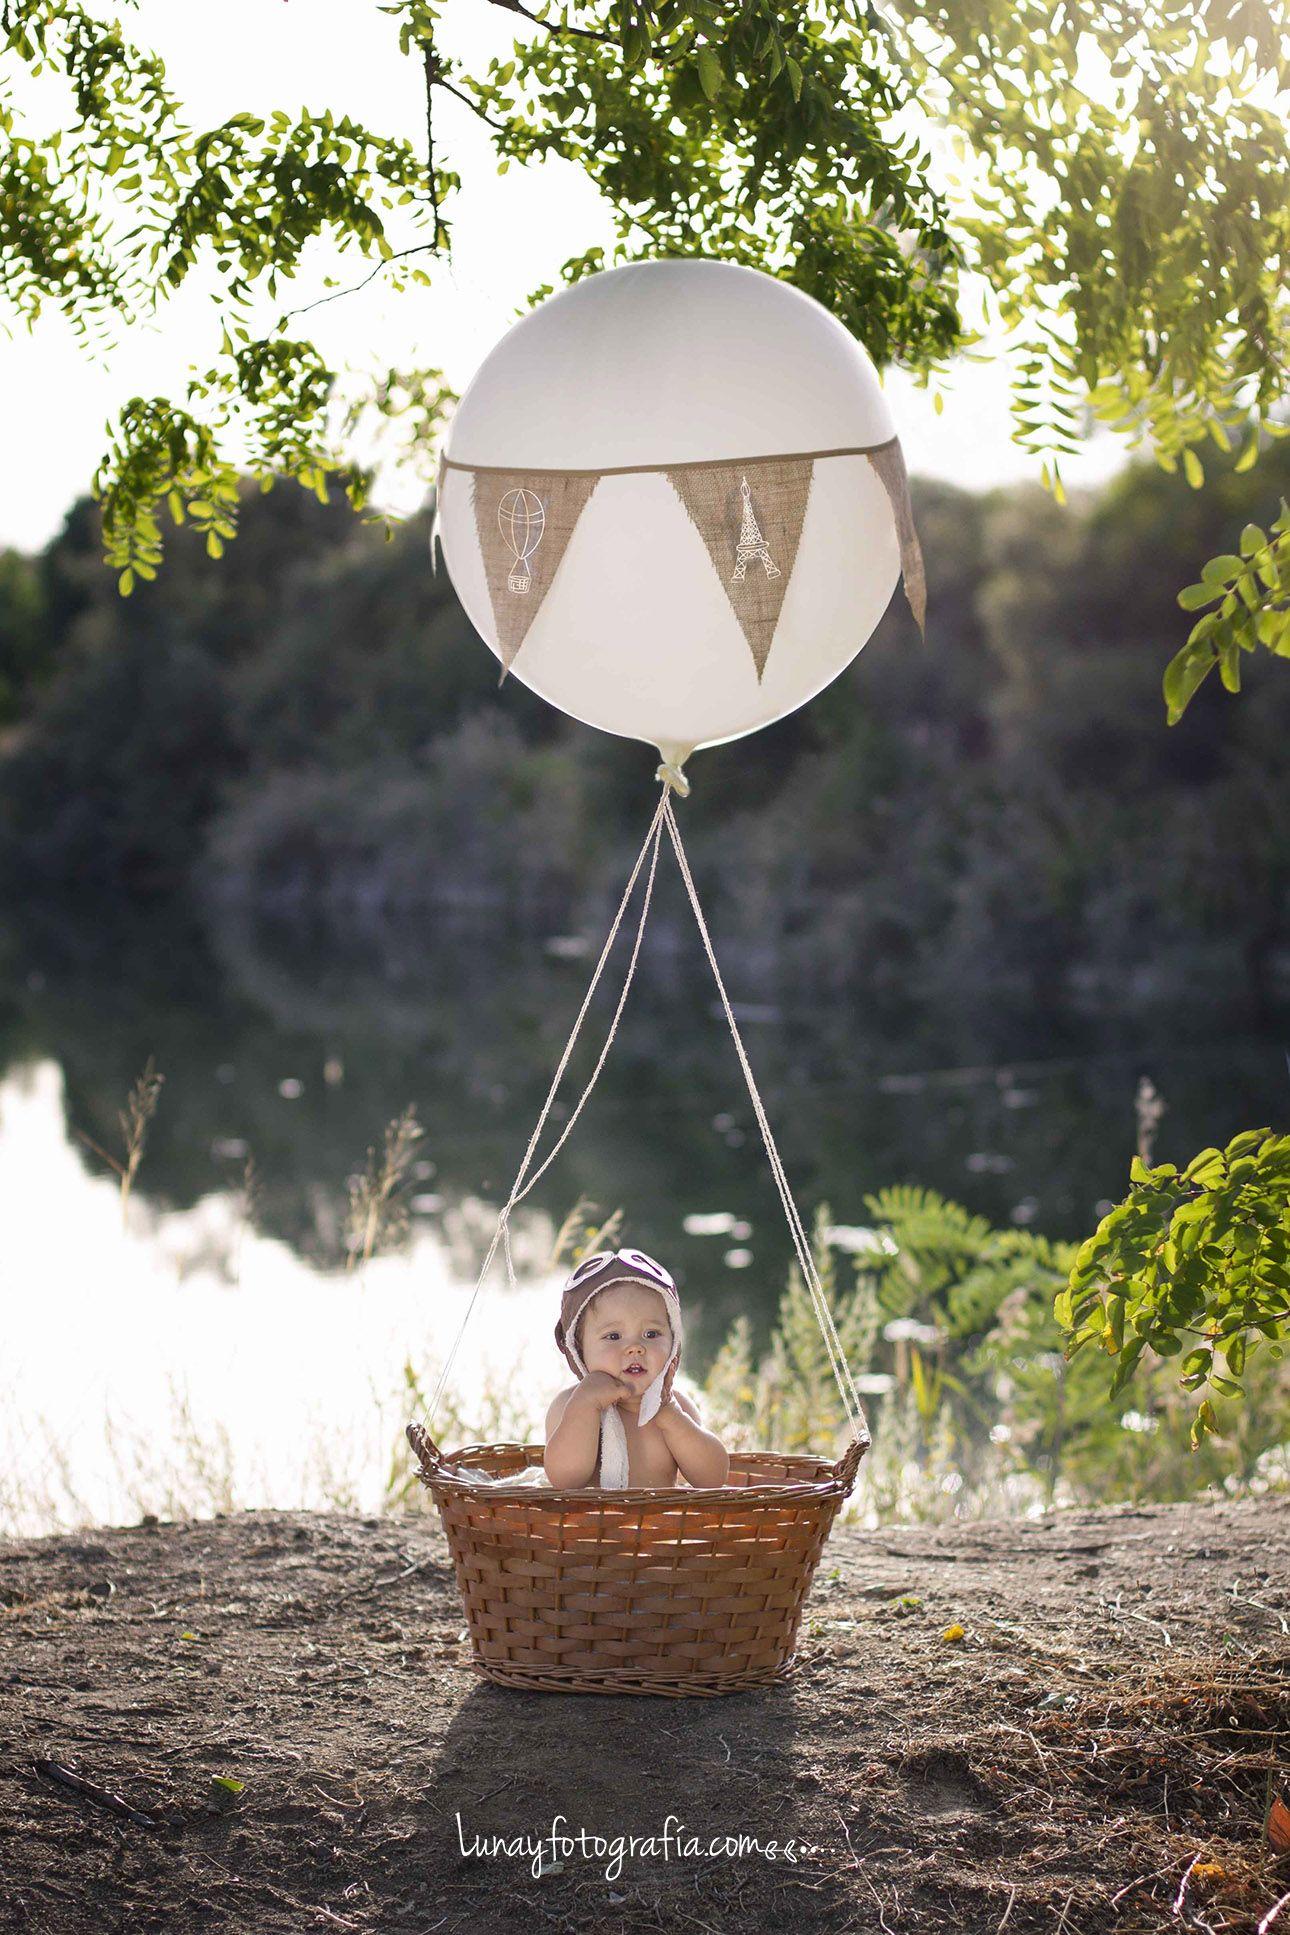 Sesión Infantil Vintage con globo aerostático en exteriores ...